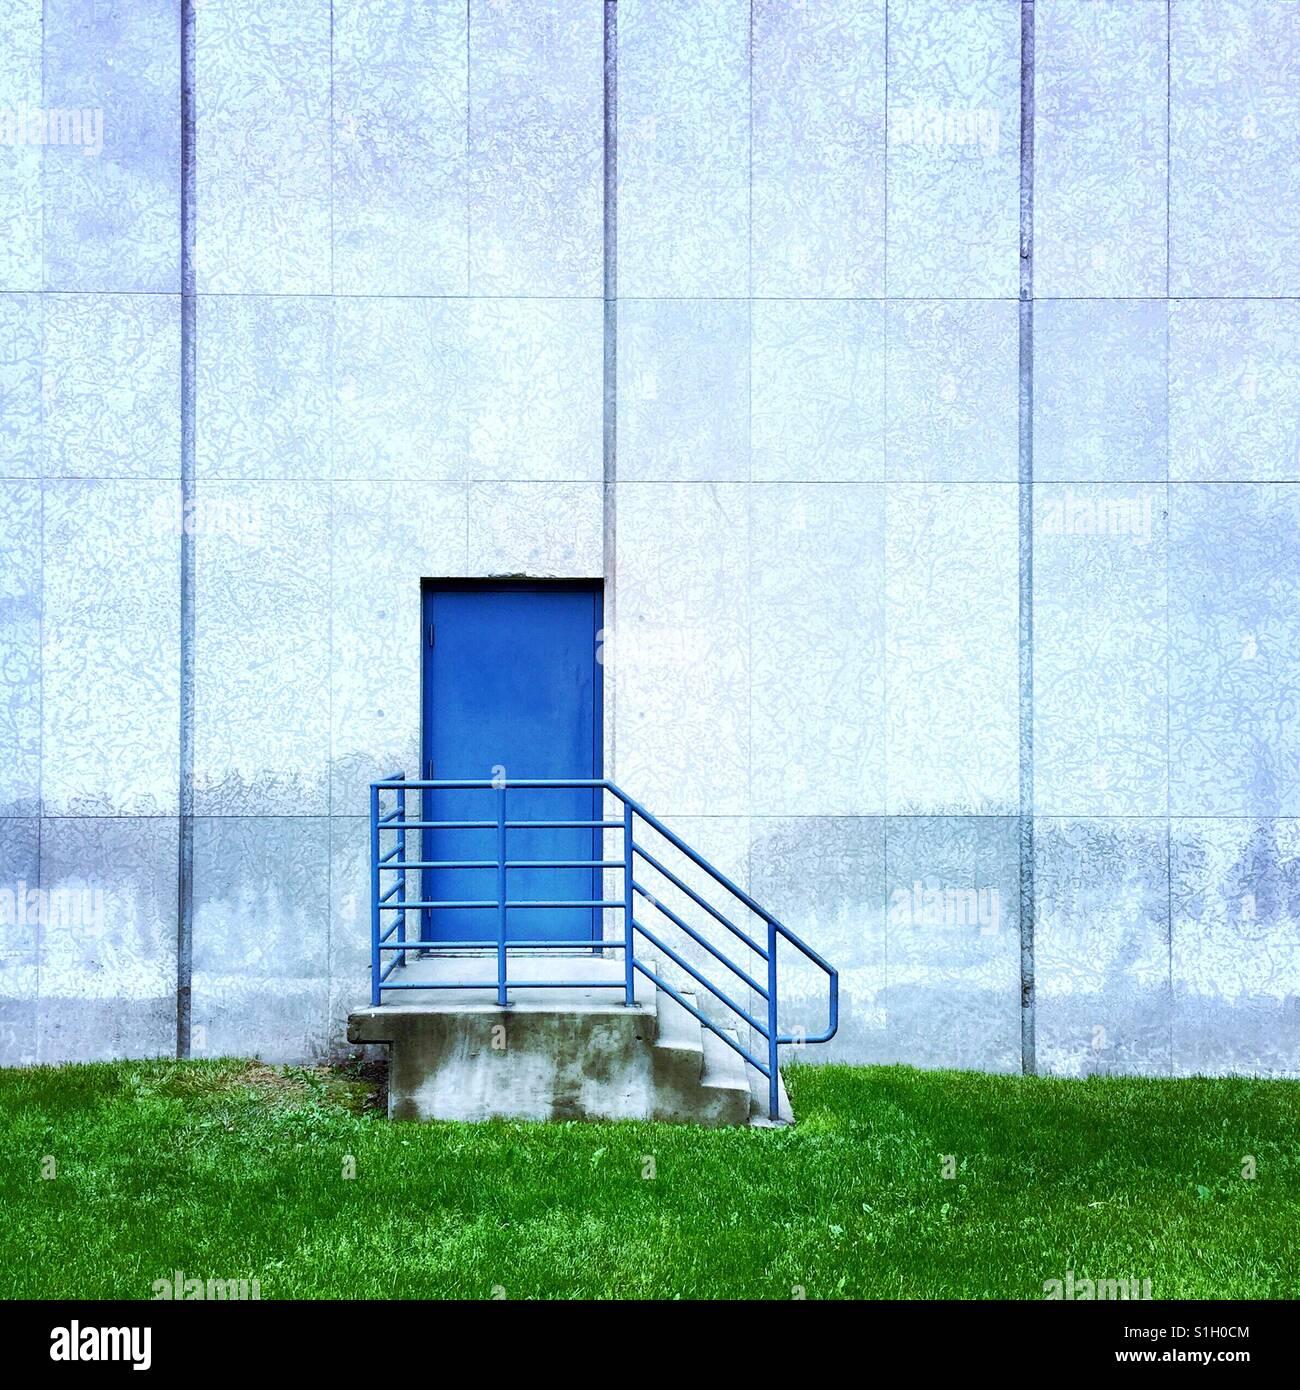 Una simple composición de una puerta azul en el lateral del edificio Imagen De Stock